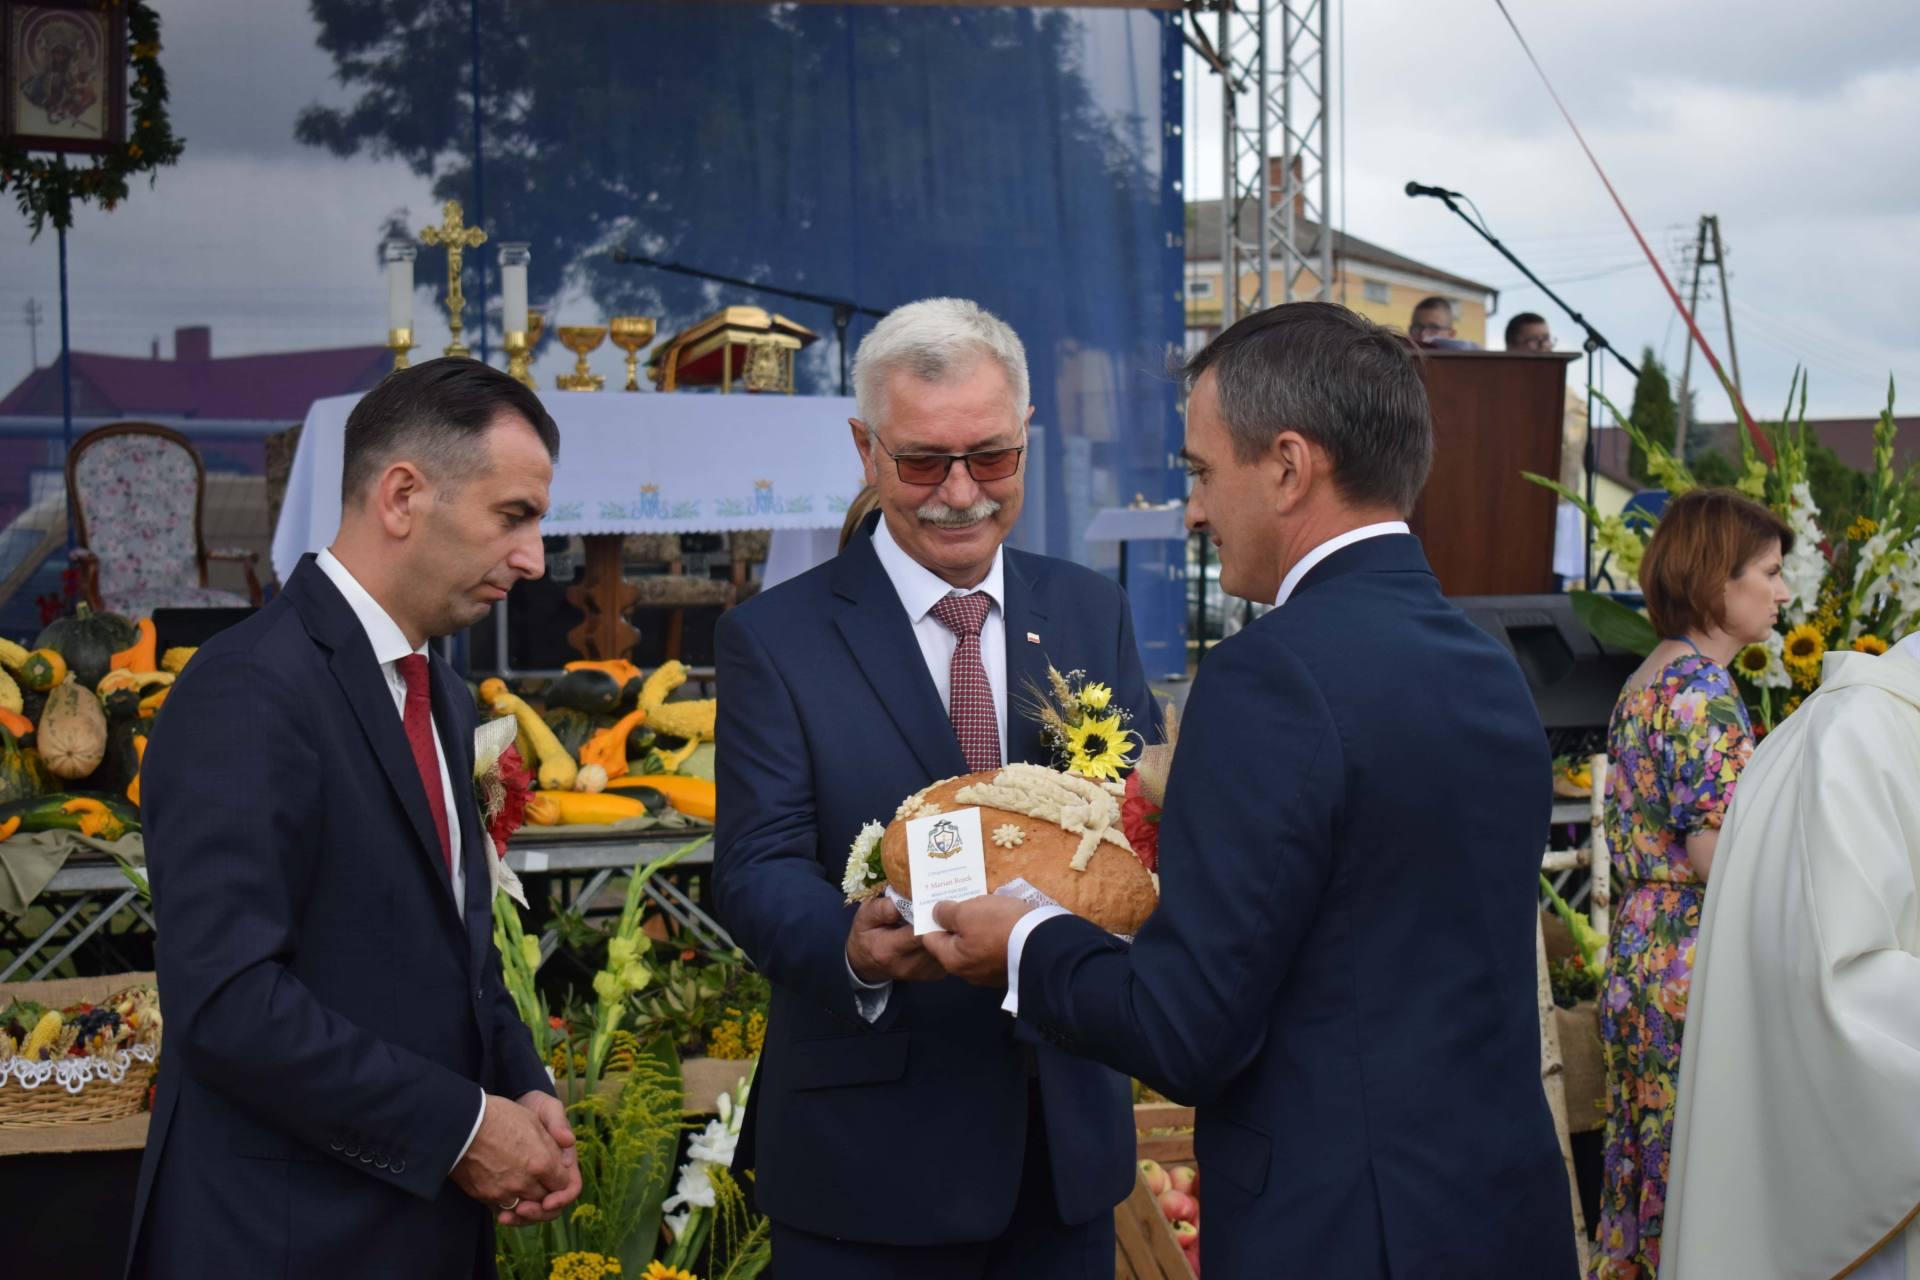 dsc 0208 23 sierpnia odbyły się Dożynki Powiatowo-Gminne w Łabuniach. Publikujemy zdjęcia